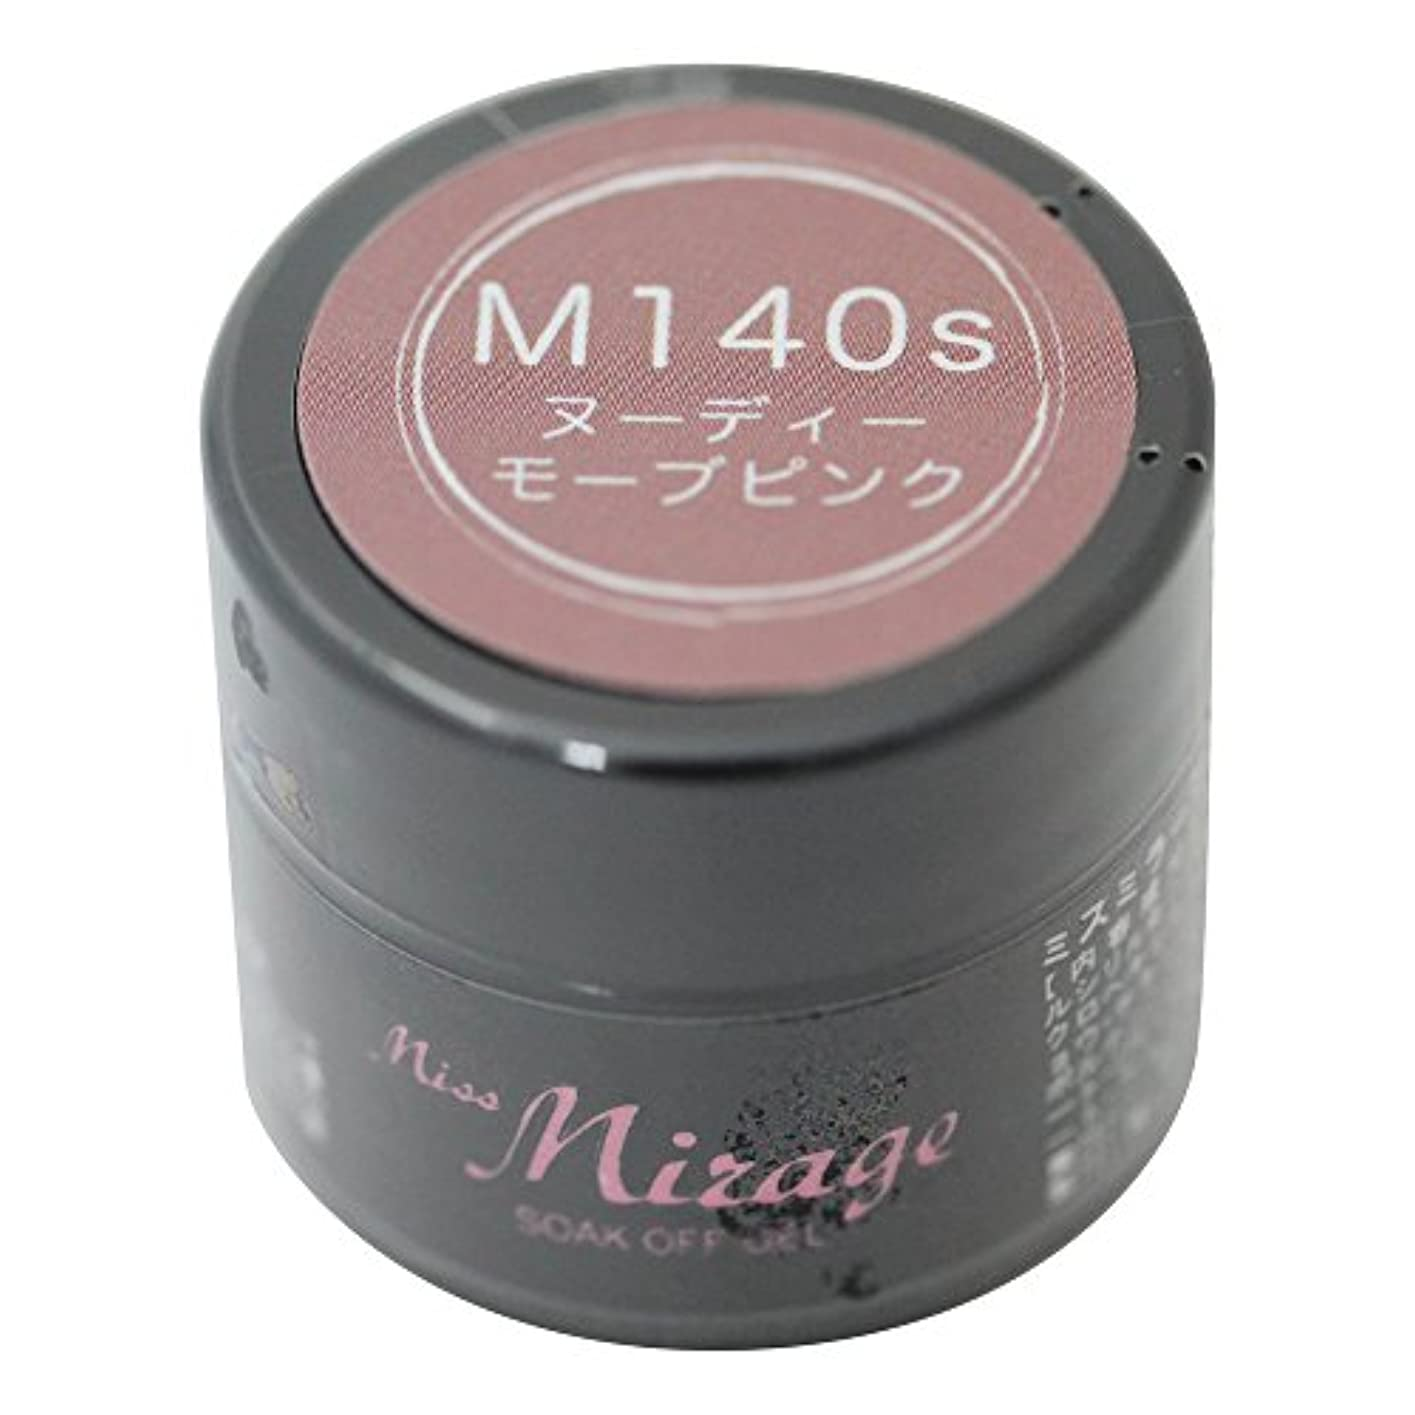 Miss Mirage M140S ヌーディーモーブピンク 2.5g UV/LED対応タイオウ